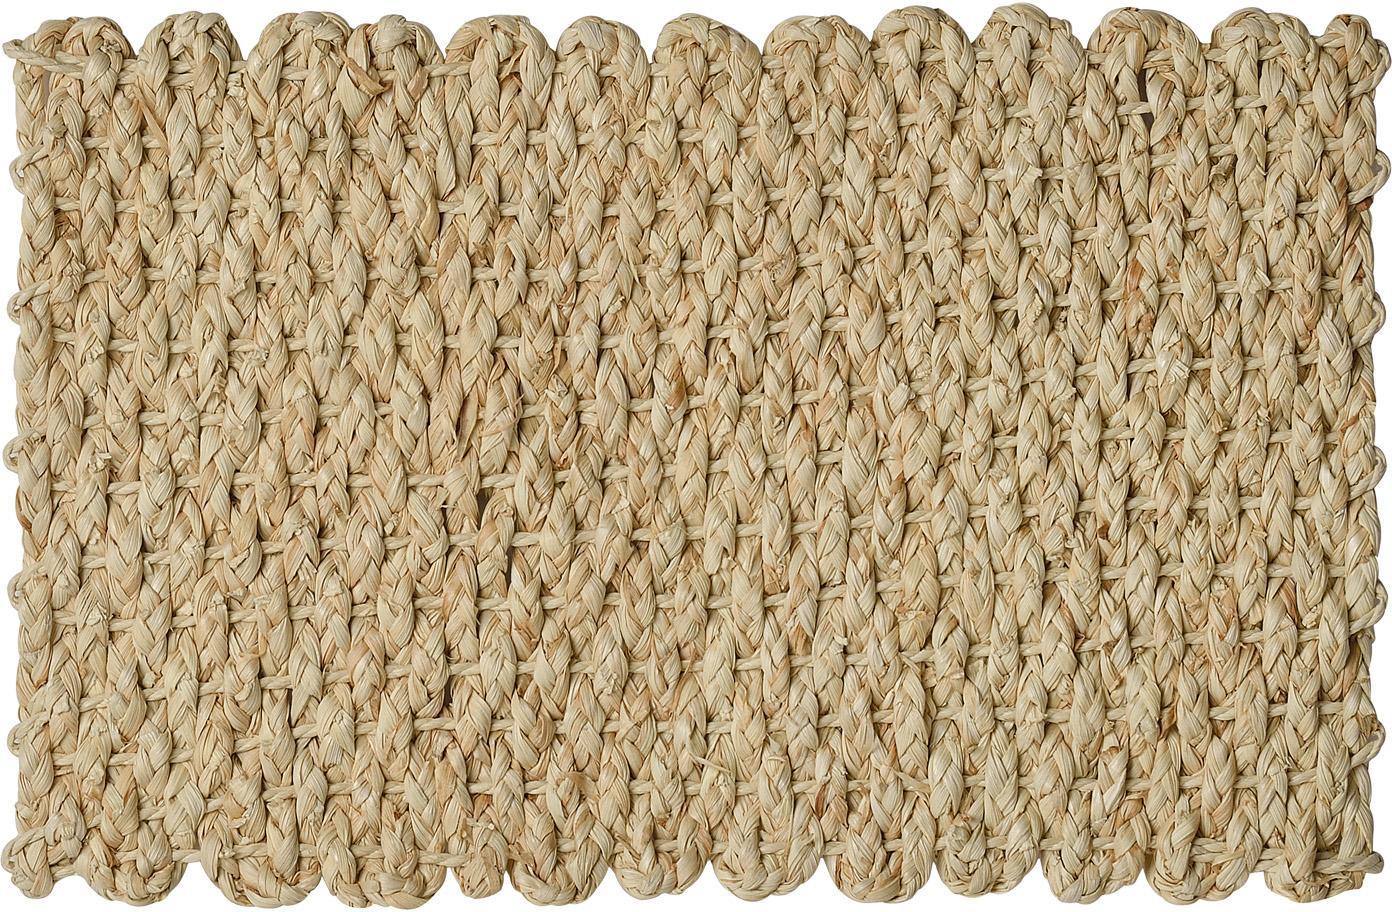 Tischset Cascada aus Maisblättern, 2 Stück, Maisstroh, Beige, 30 x 45 cm